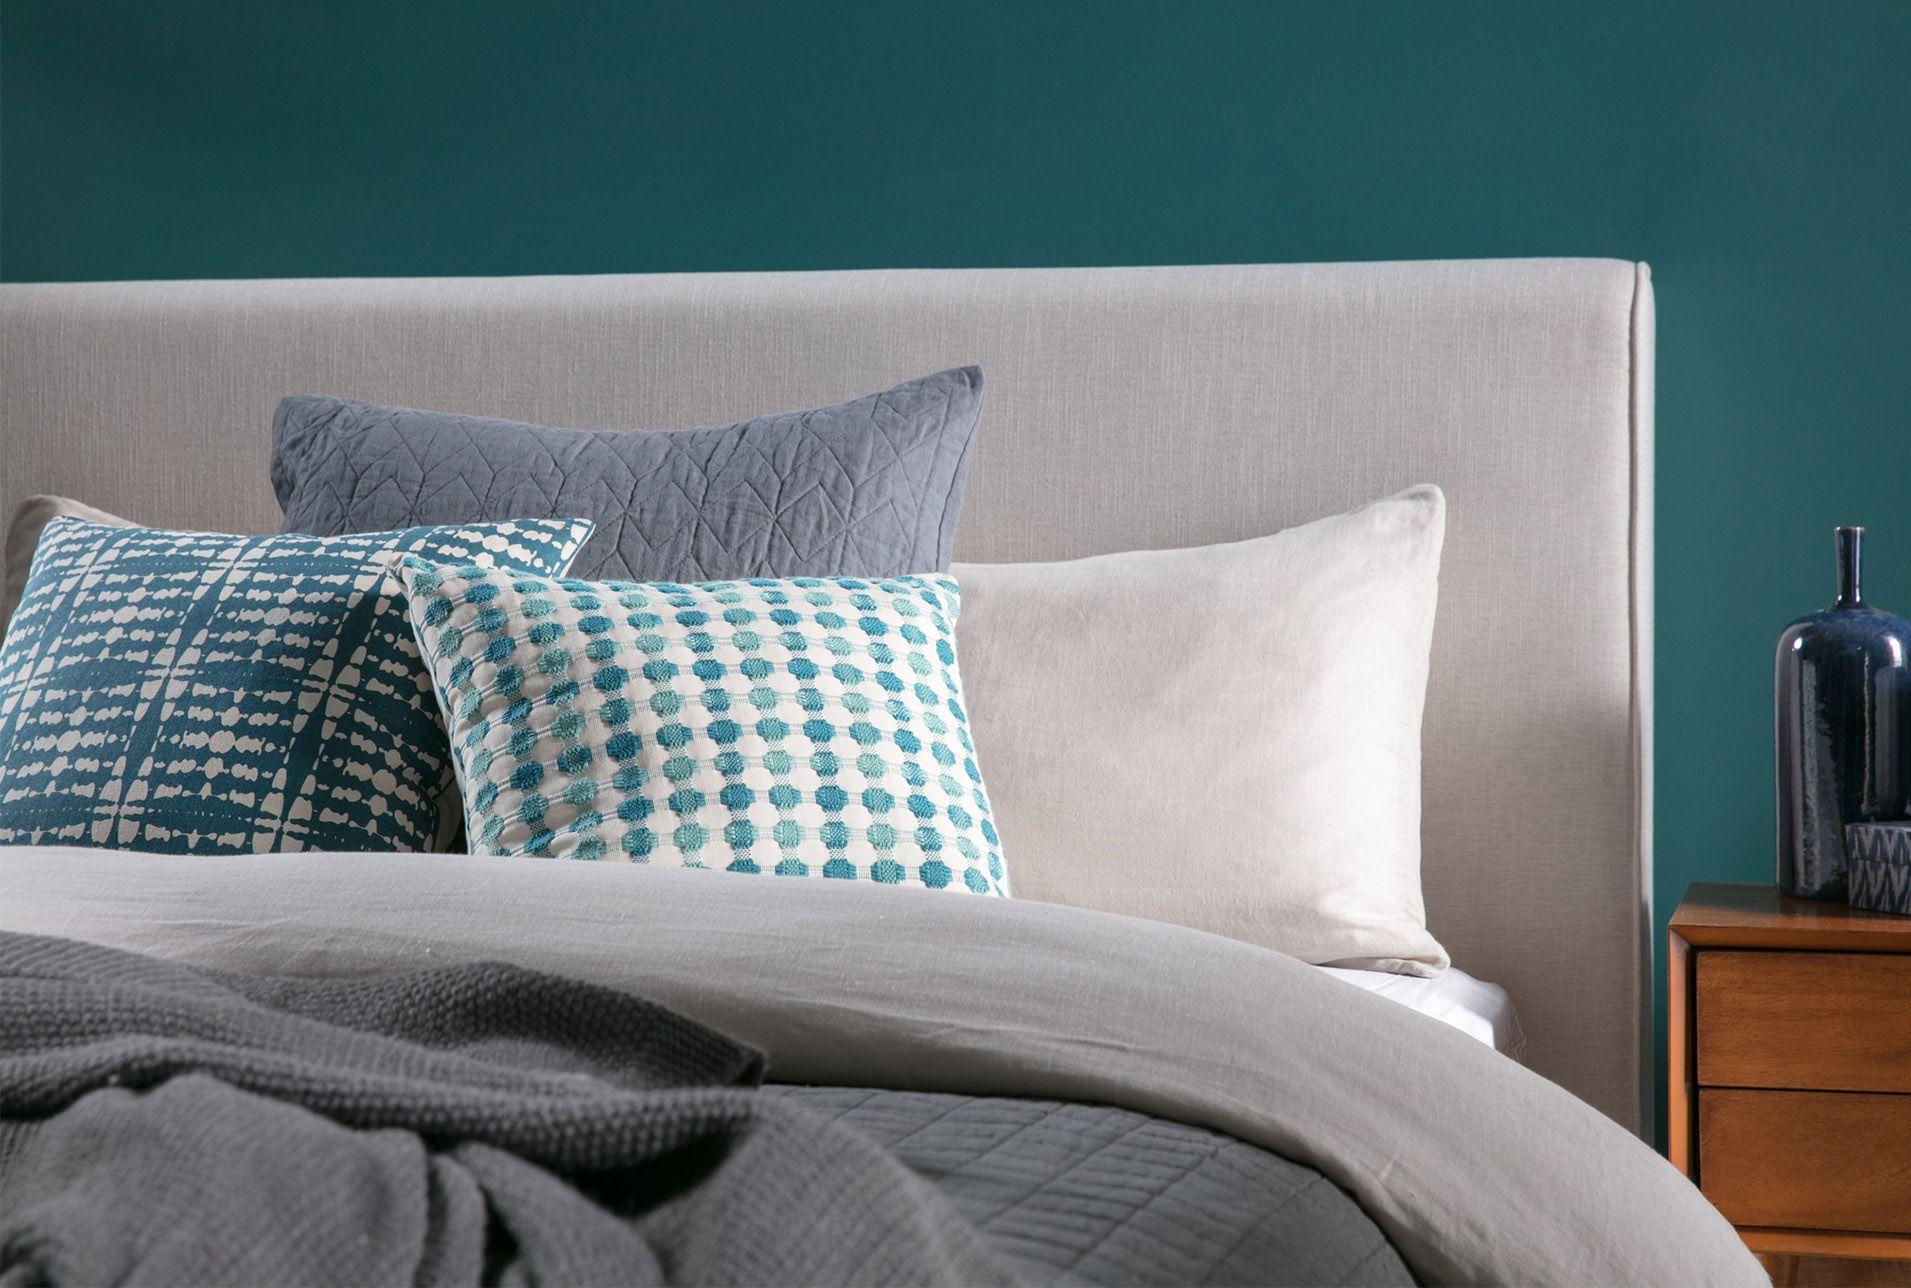 Best Queen Upholstered Panel Bed Dean Sand Beige 395 640 x 480